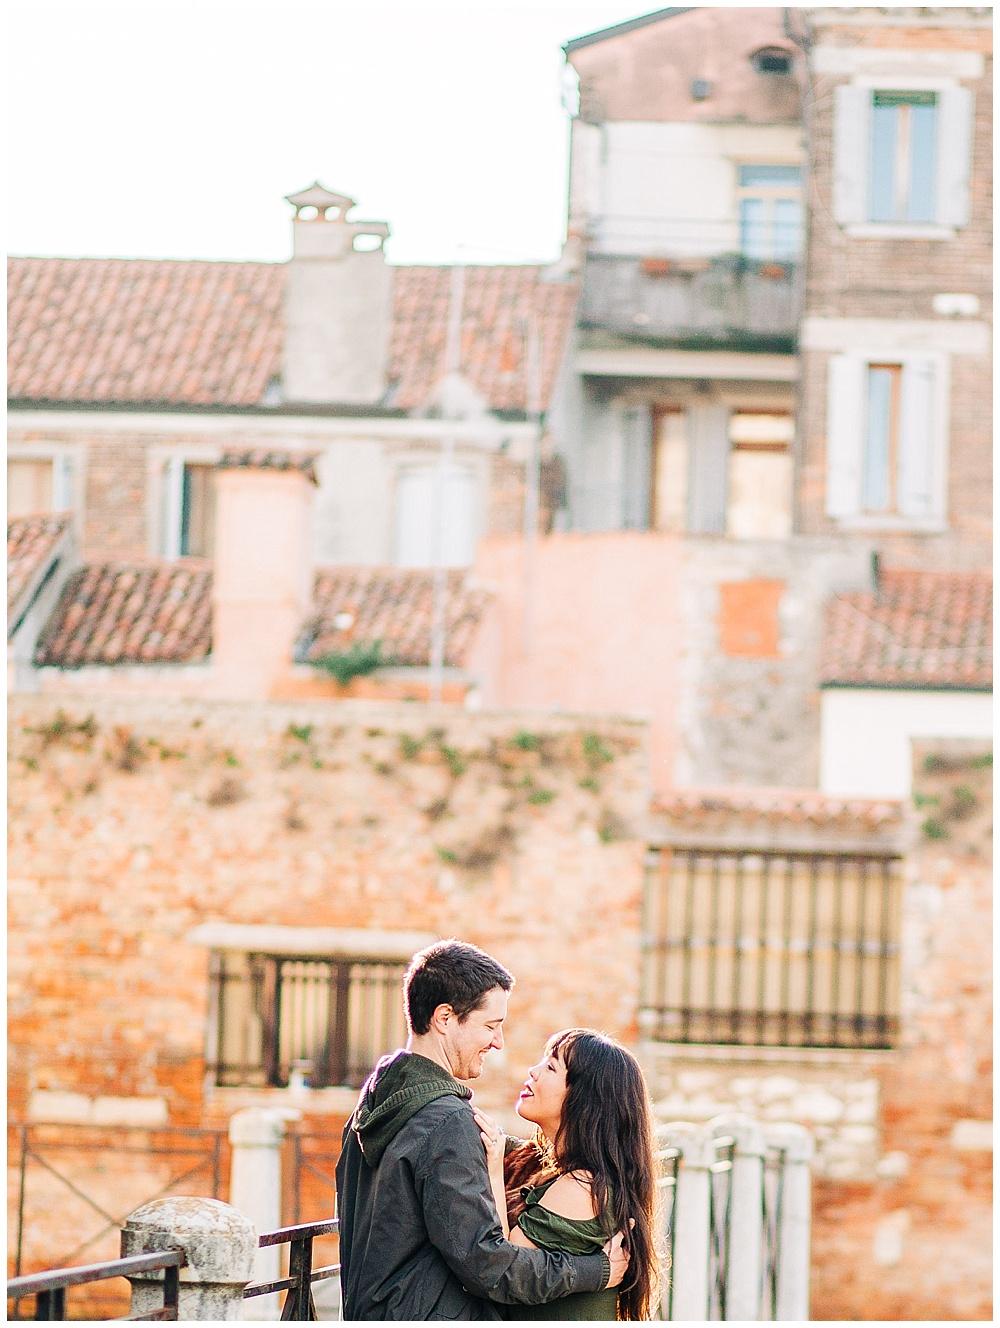 Venice-italy-wedding-photographer-stefano-degirmenci_0015.jpg